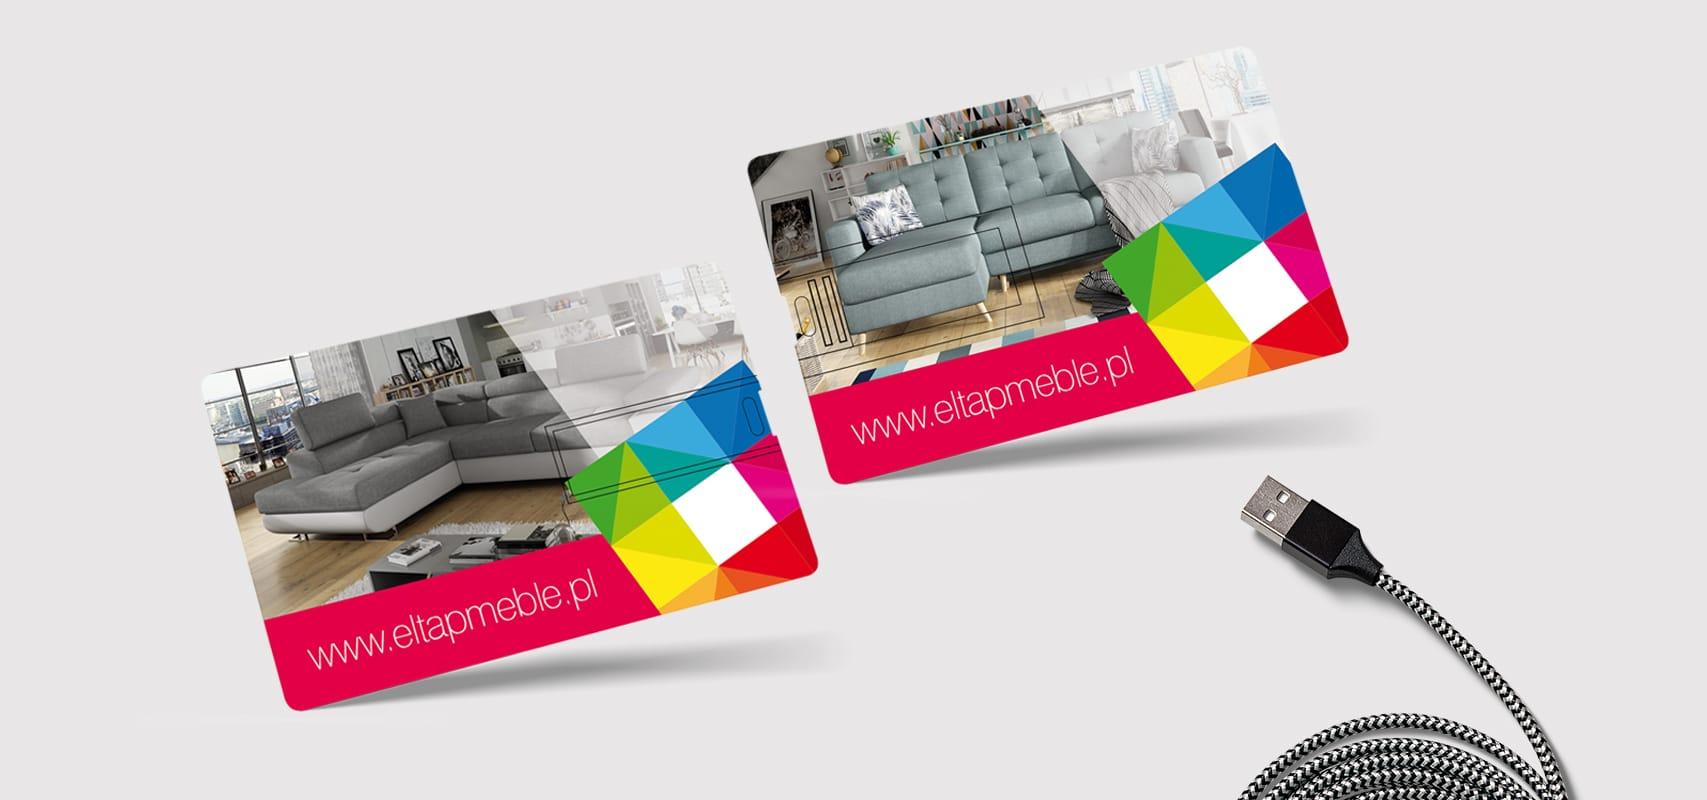 Eltap Meble Projektowanie identyfikacji wizualnej katalogi reklamowe foldery produktowe dla firmy Eltap Meble Agencja brandingowa Moweli Creative Dąbrowa Górnicza Sosnowiec Katowice Warszawa Wrocław Kraków Gdańsk